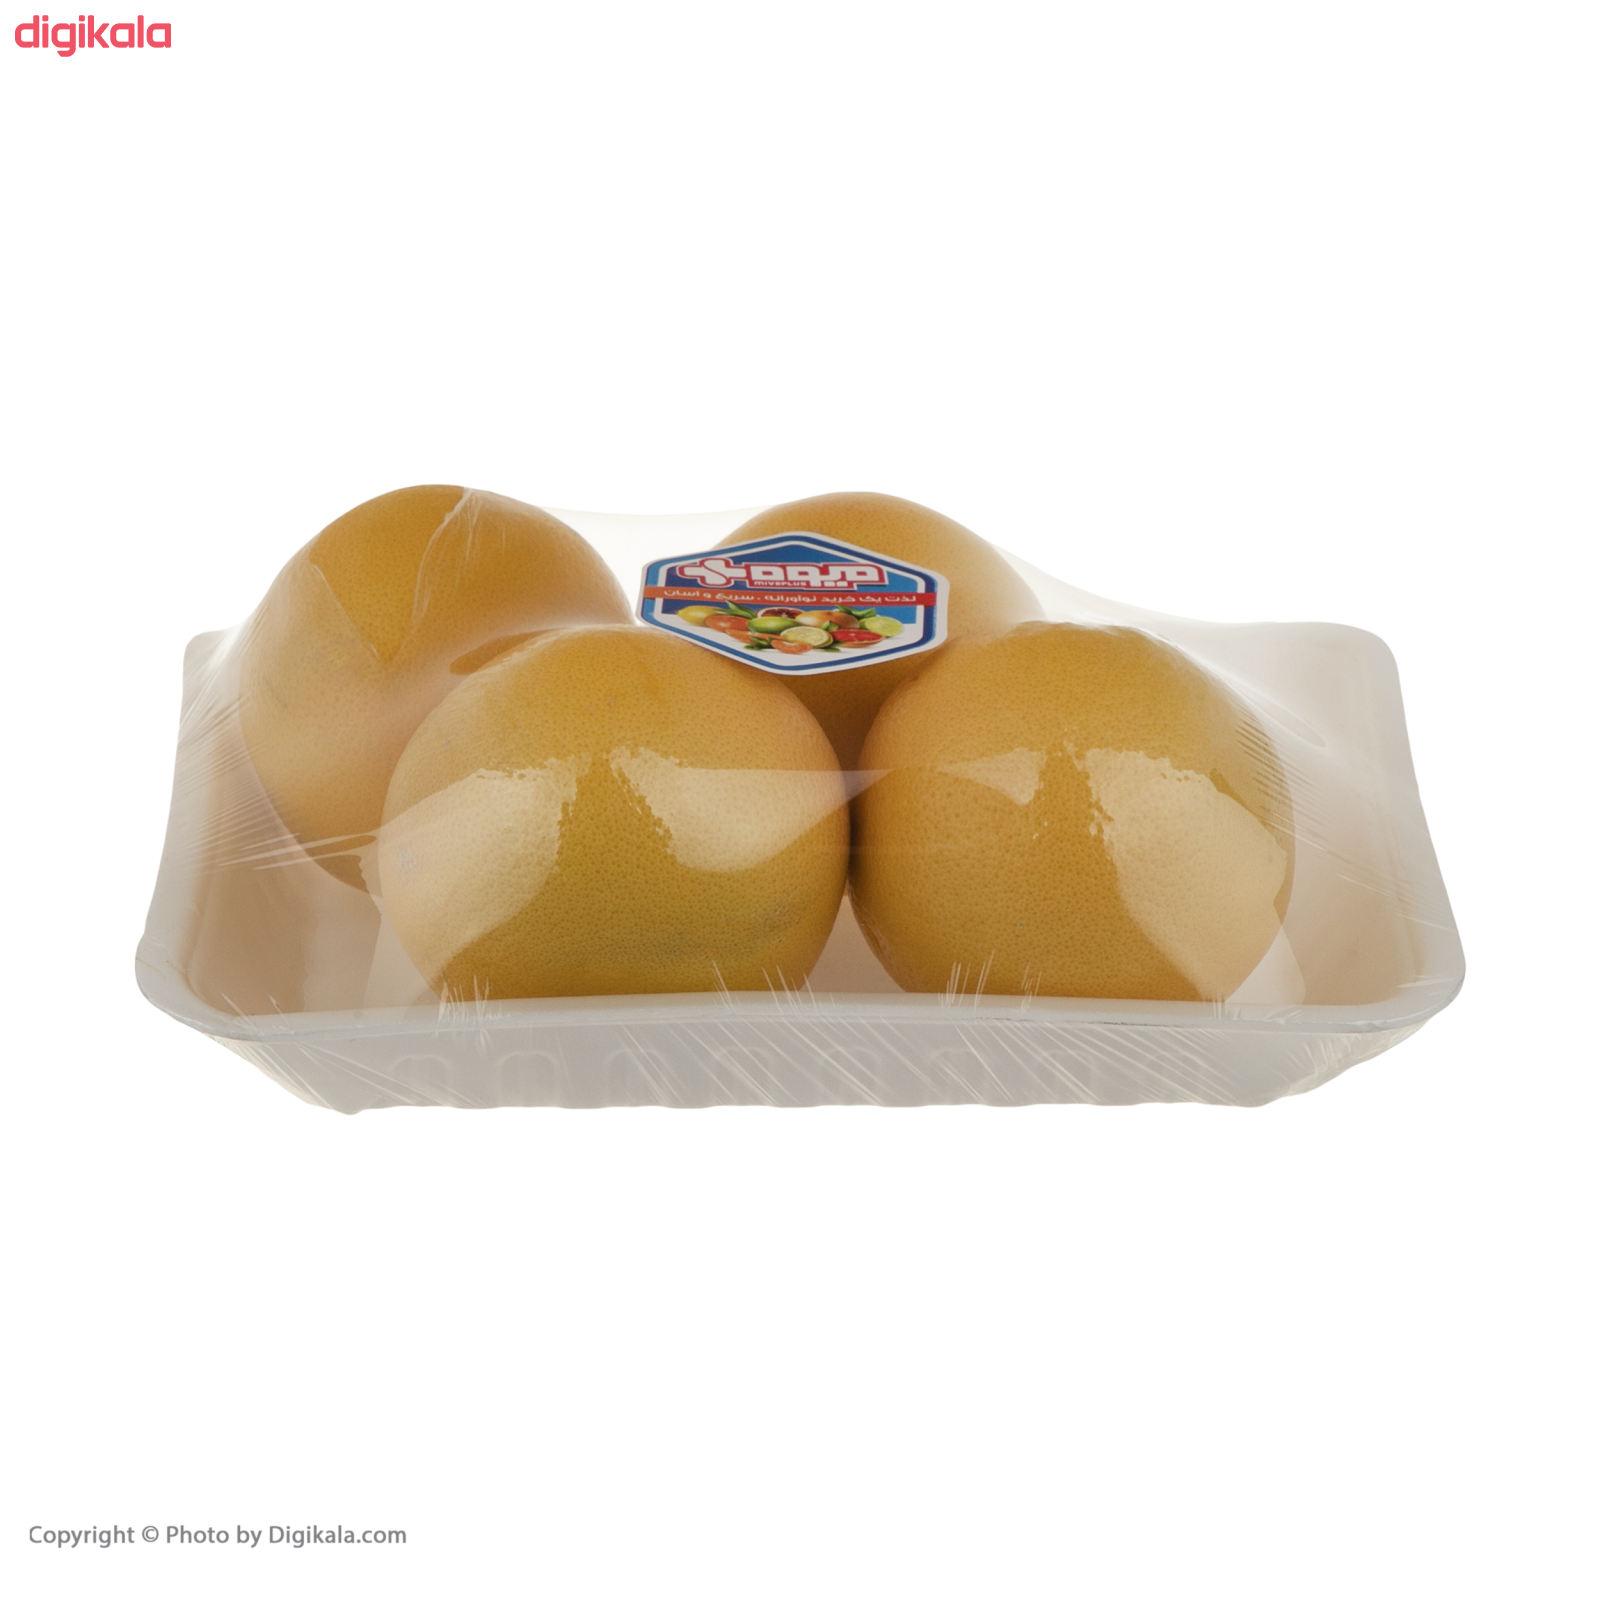 گریپ فروت میوه پلاس - 1 کیلوگرم main 1 1